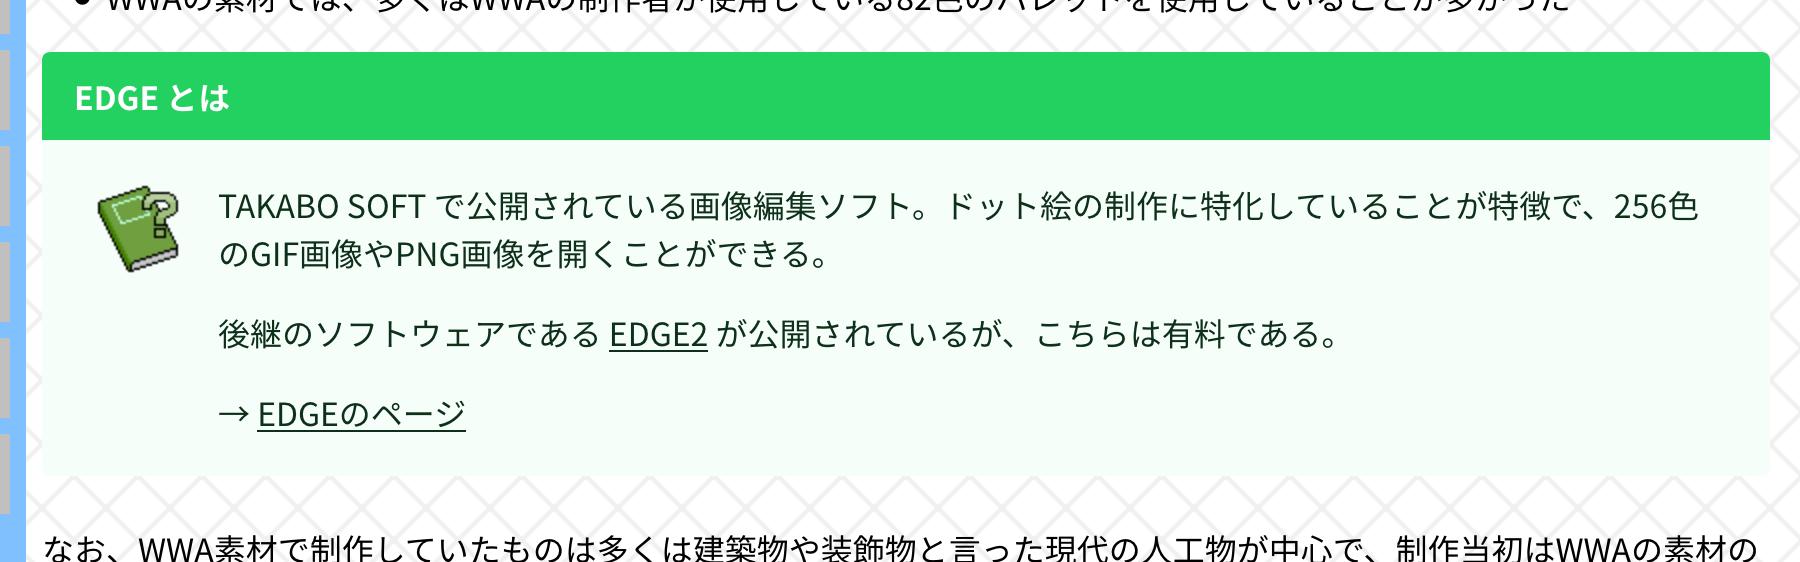 f:id:aokashi:20191116144841p:plain